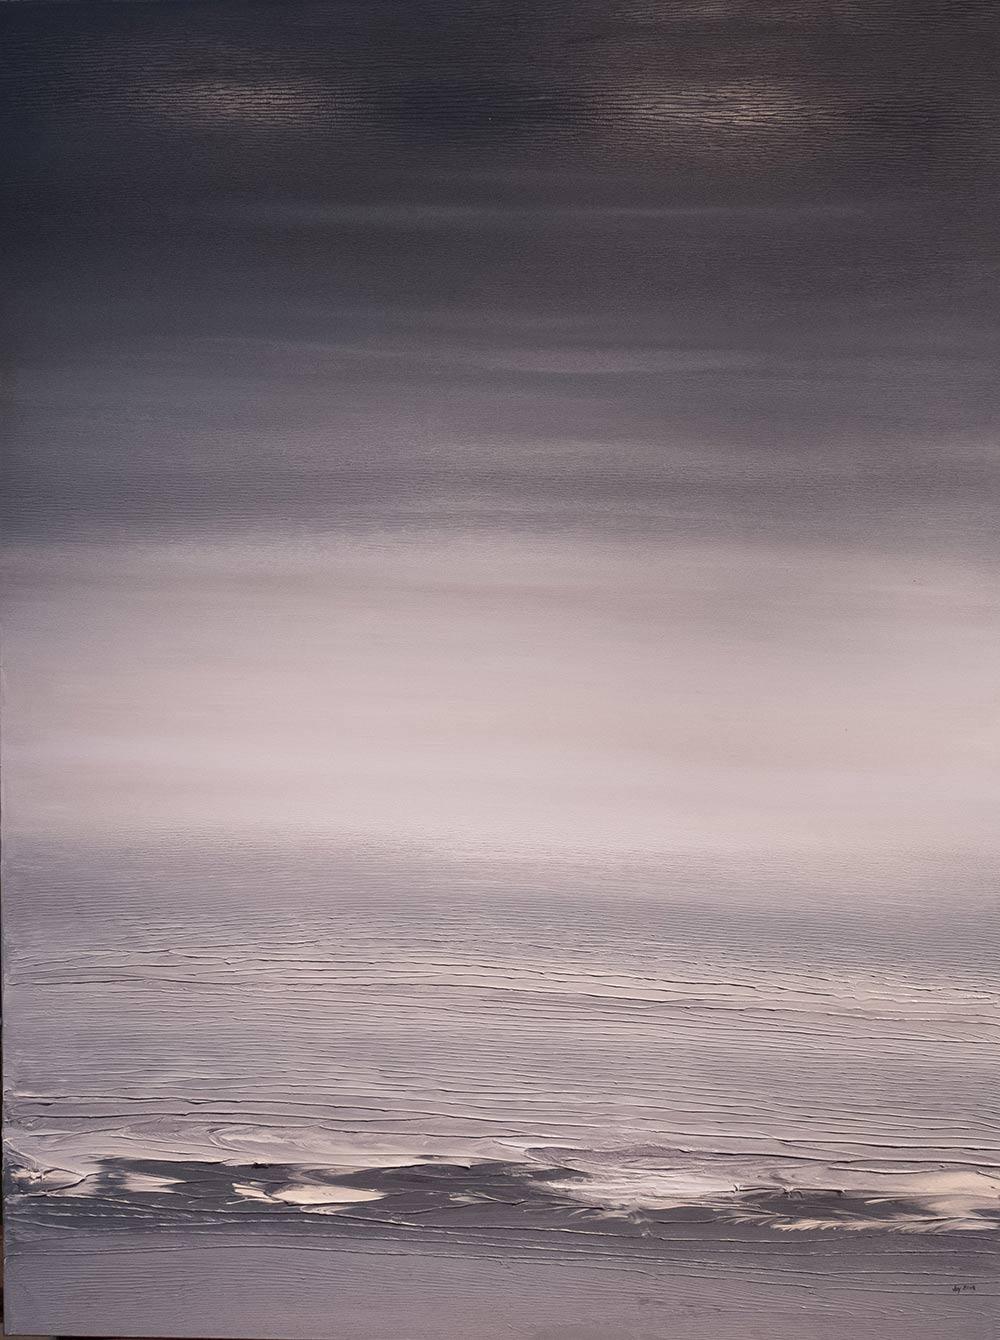 David-Joy-Seascapes-D19-013-54